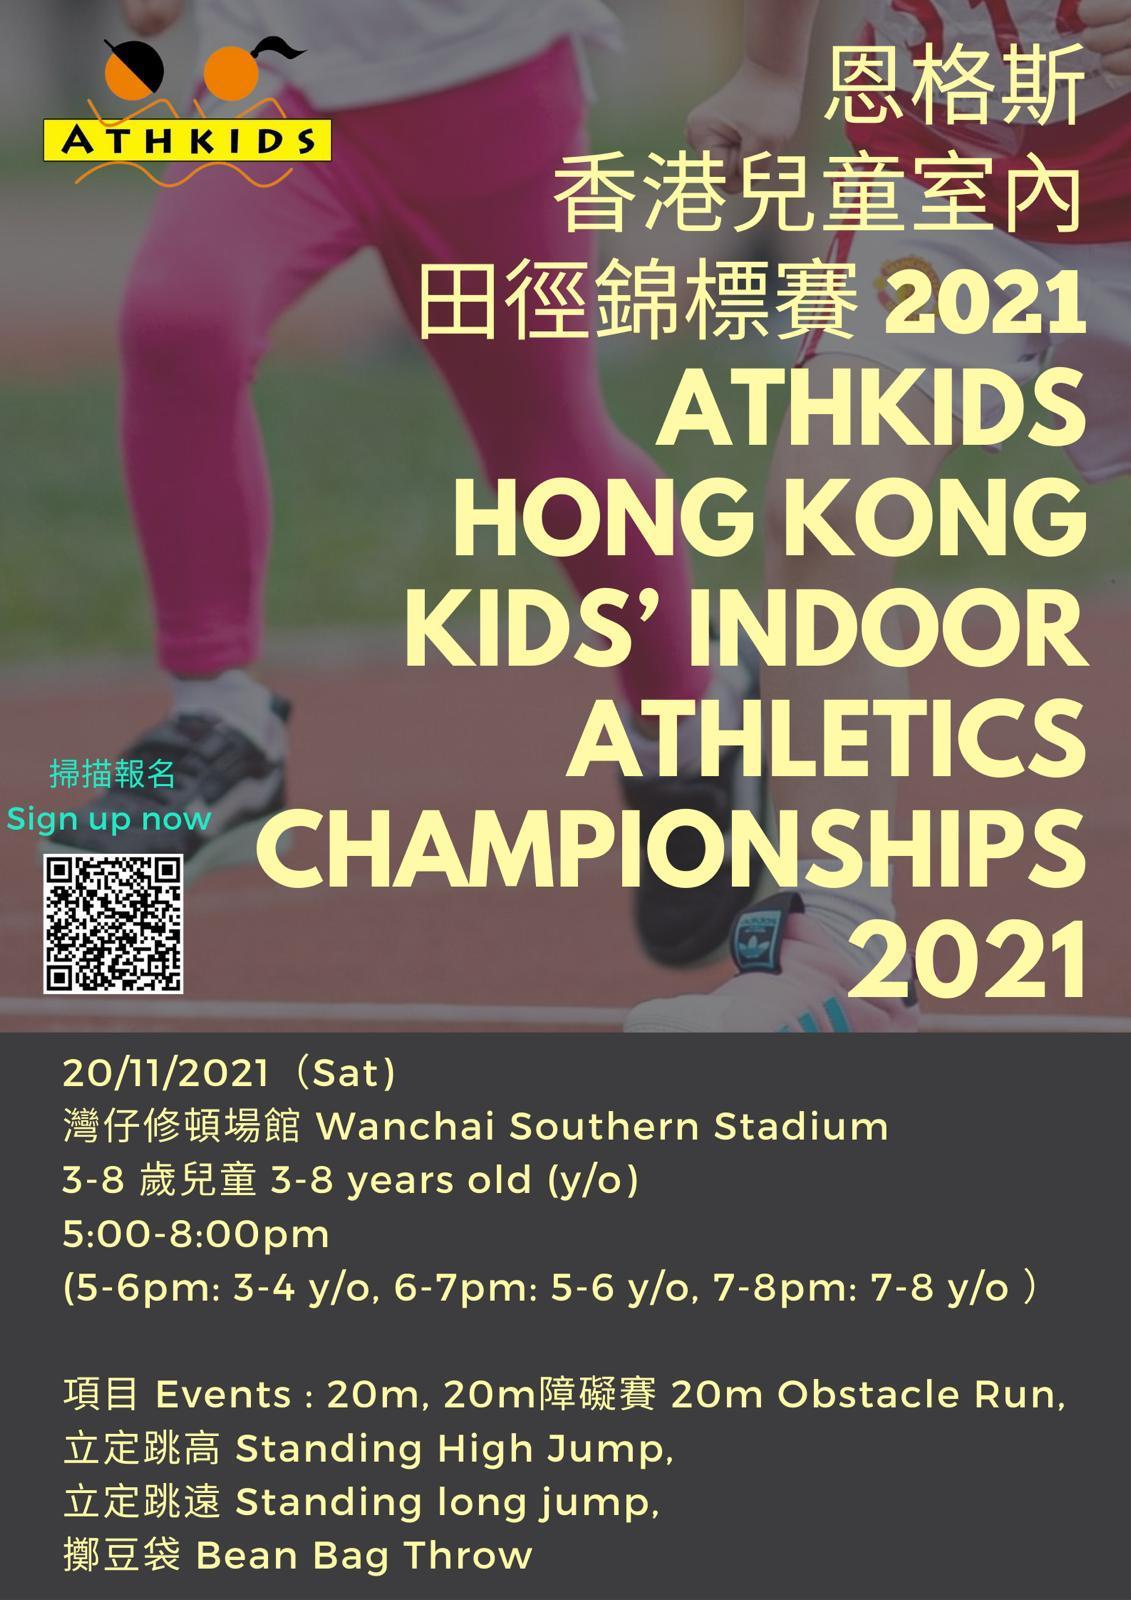 【2021 恩格斯香港兒童室內田徑錦標賽】